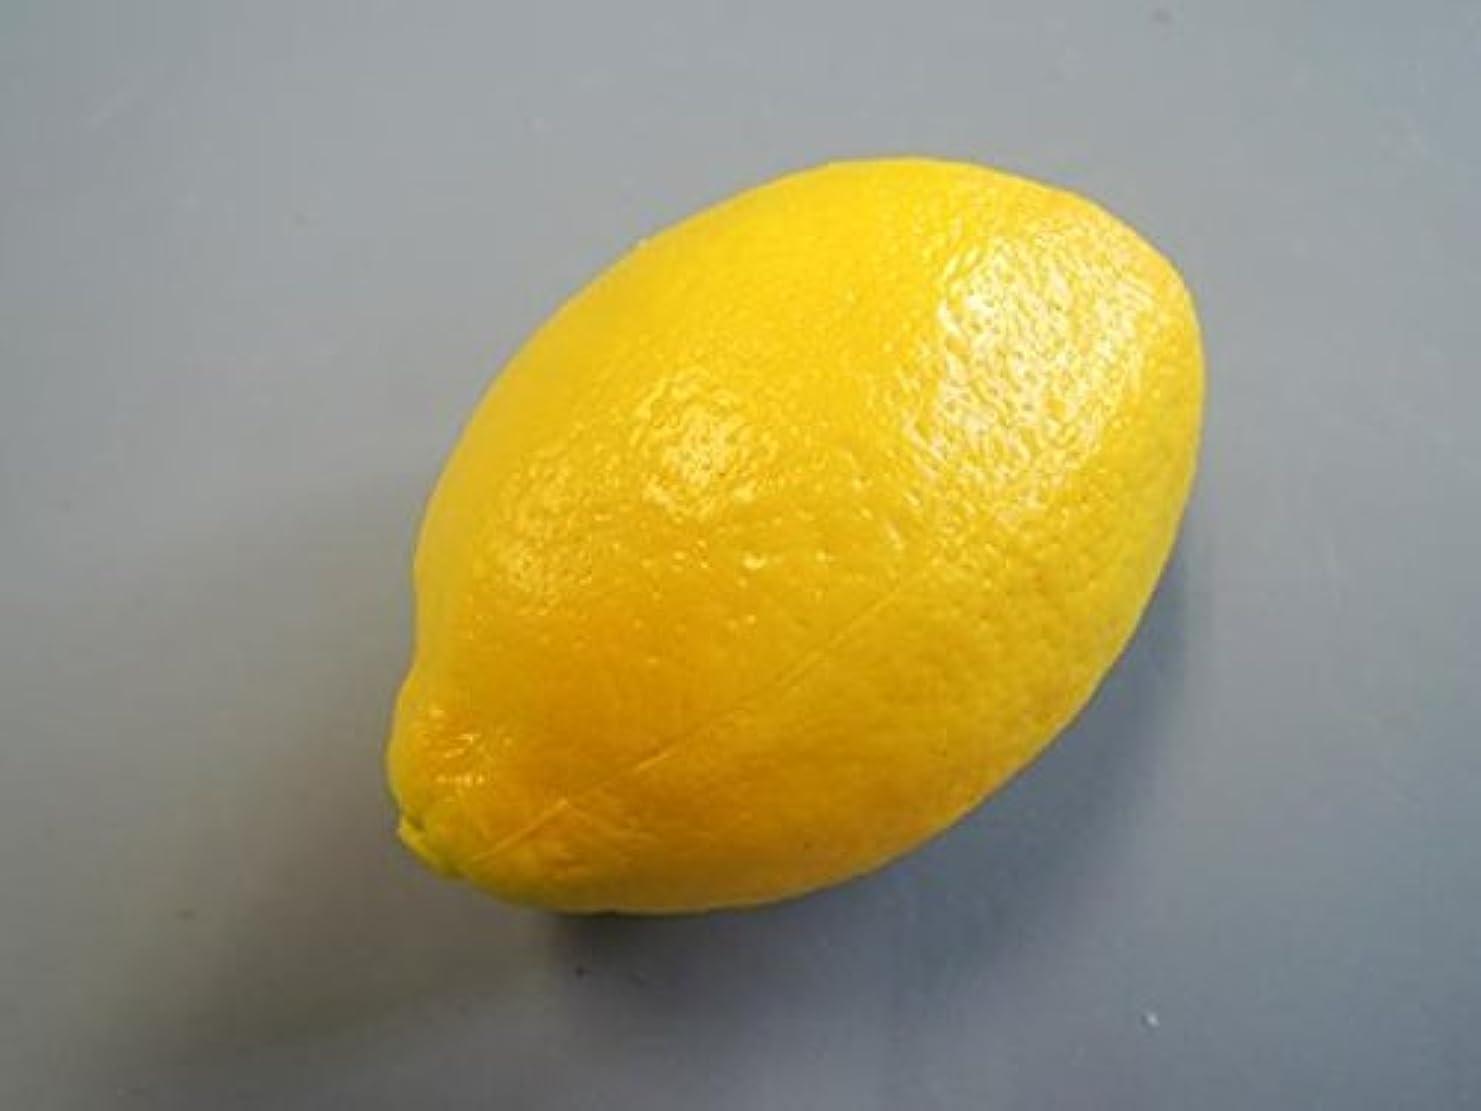 精緻化中央値五十日本職人が作る 食品サンプル レモン IP-352